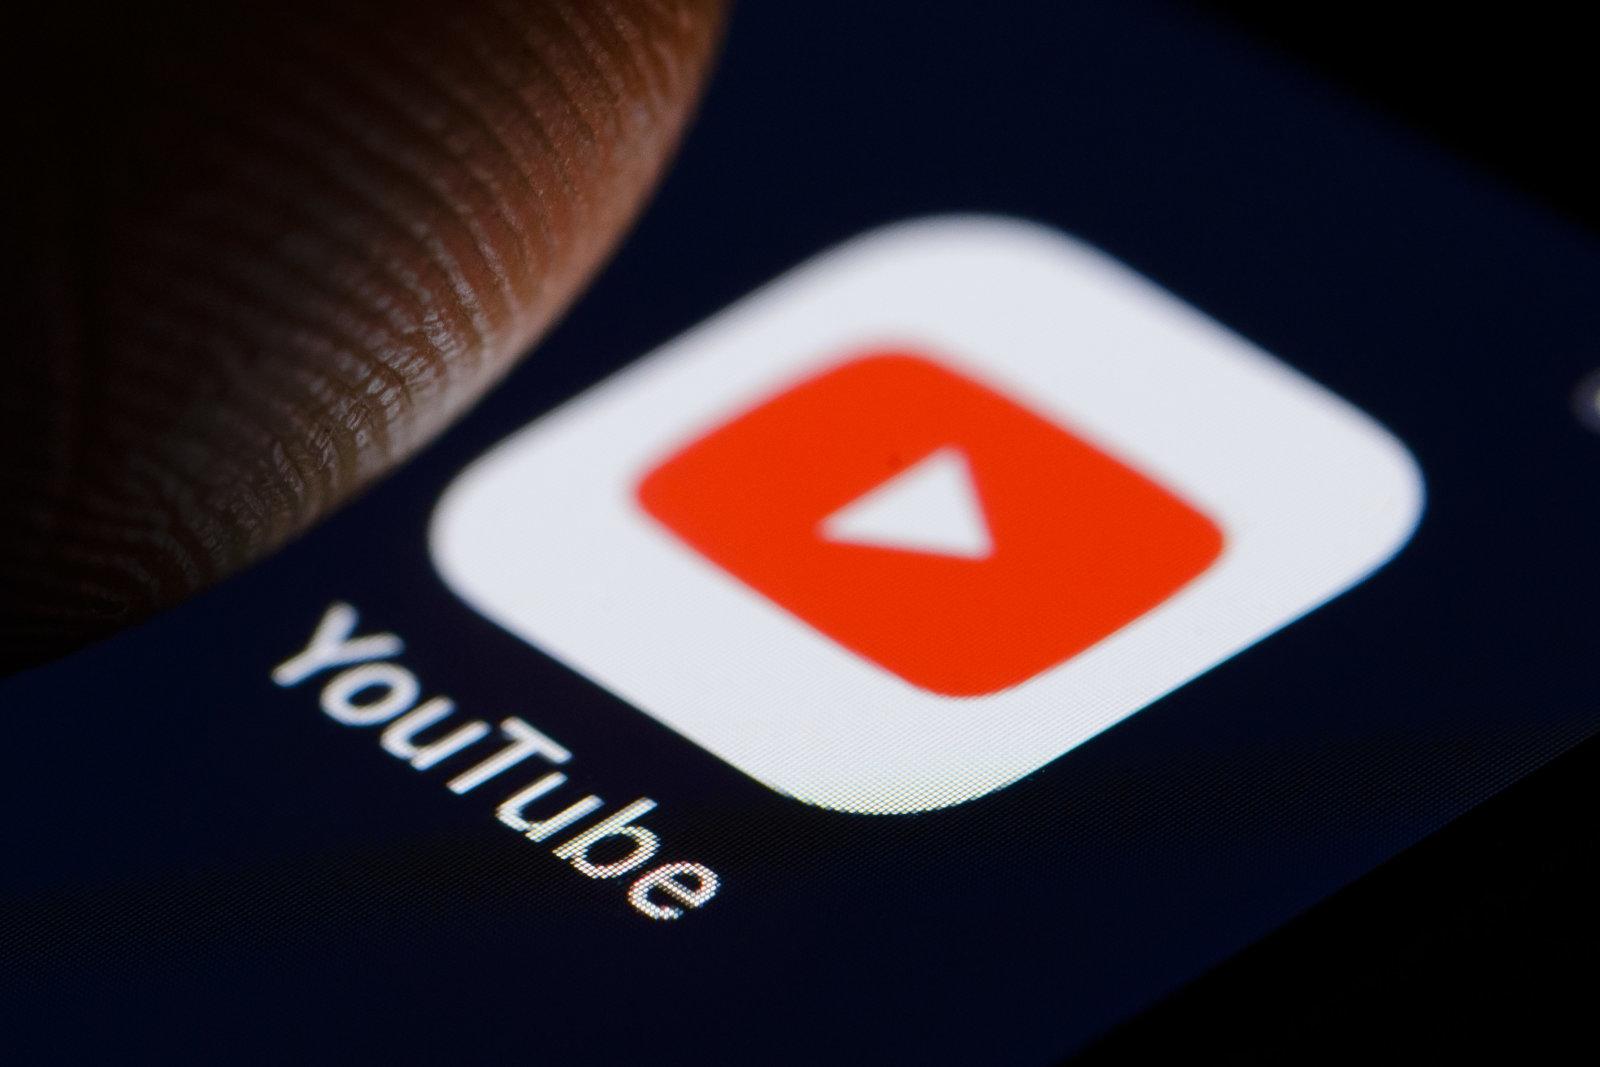 吸金力驚人!YouTube 公布 2019 年廣告收入達 151.49 億美元